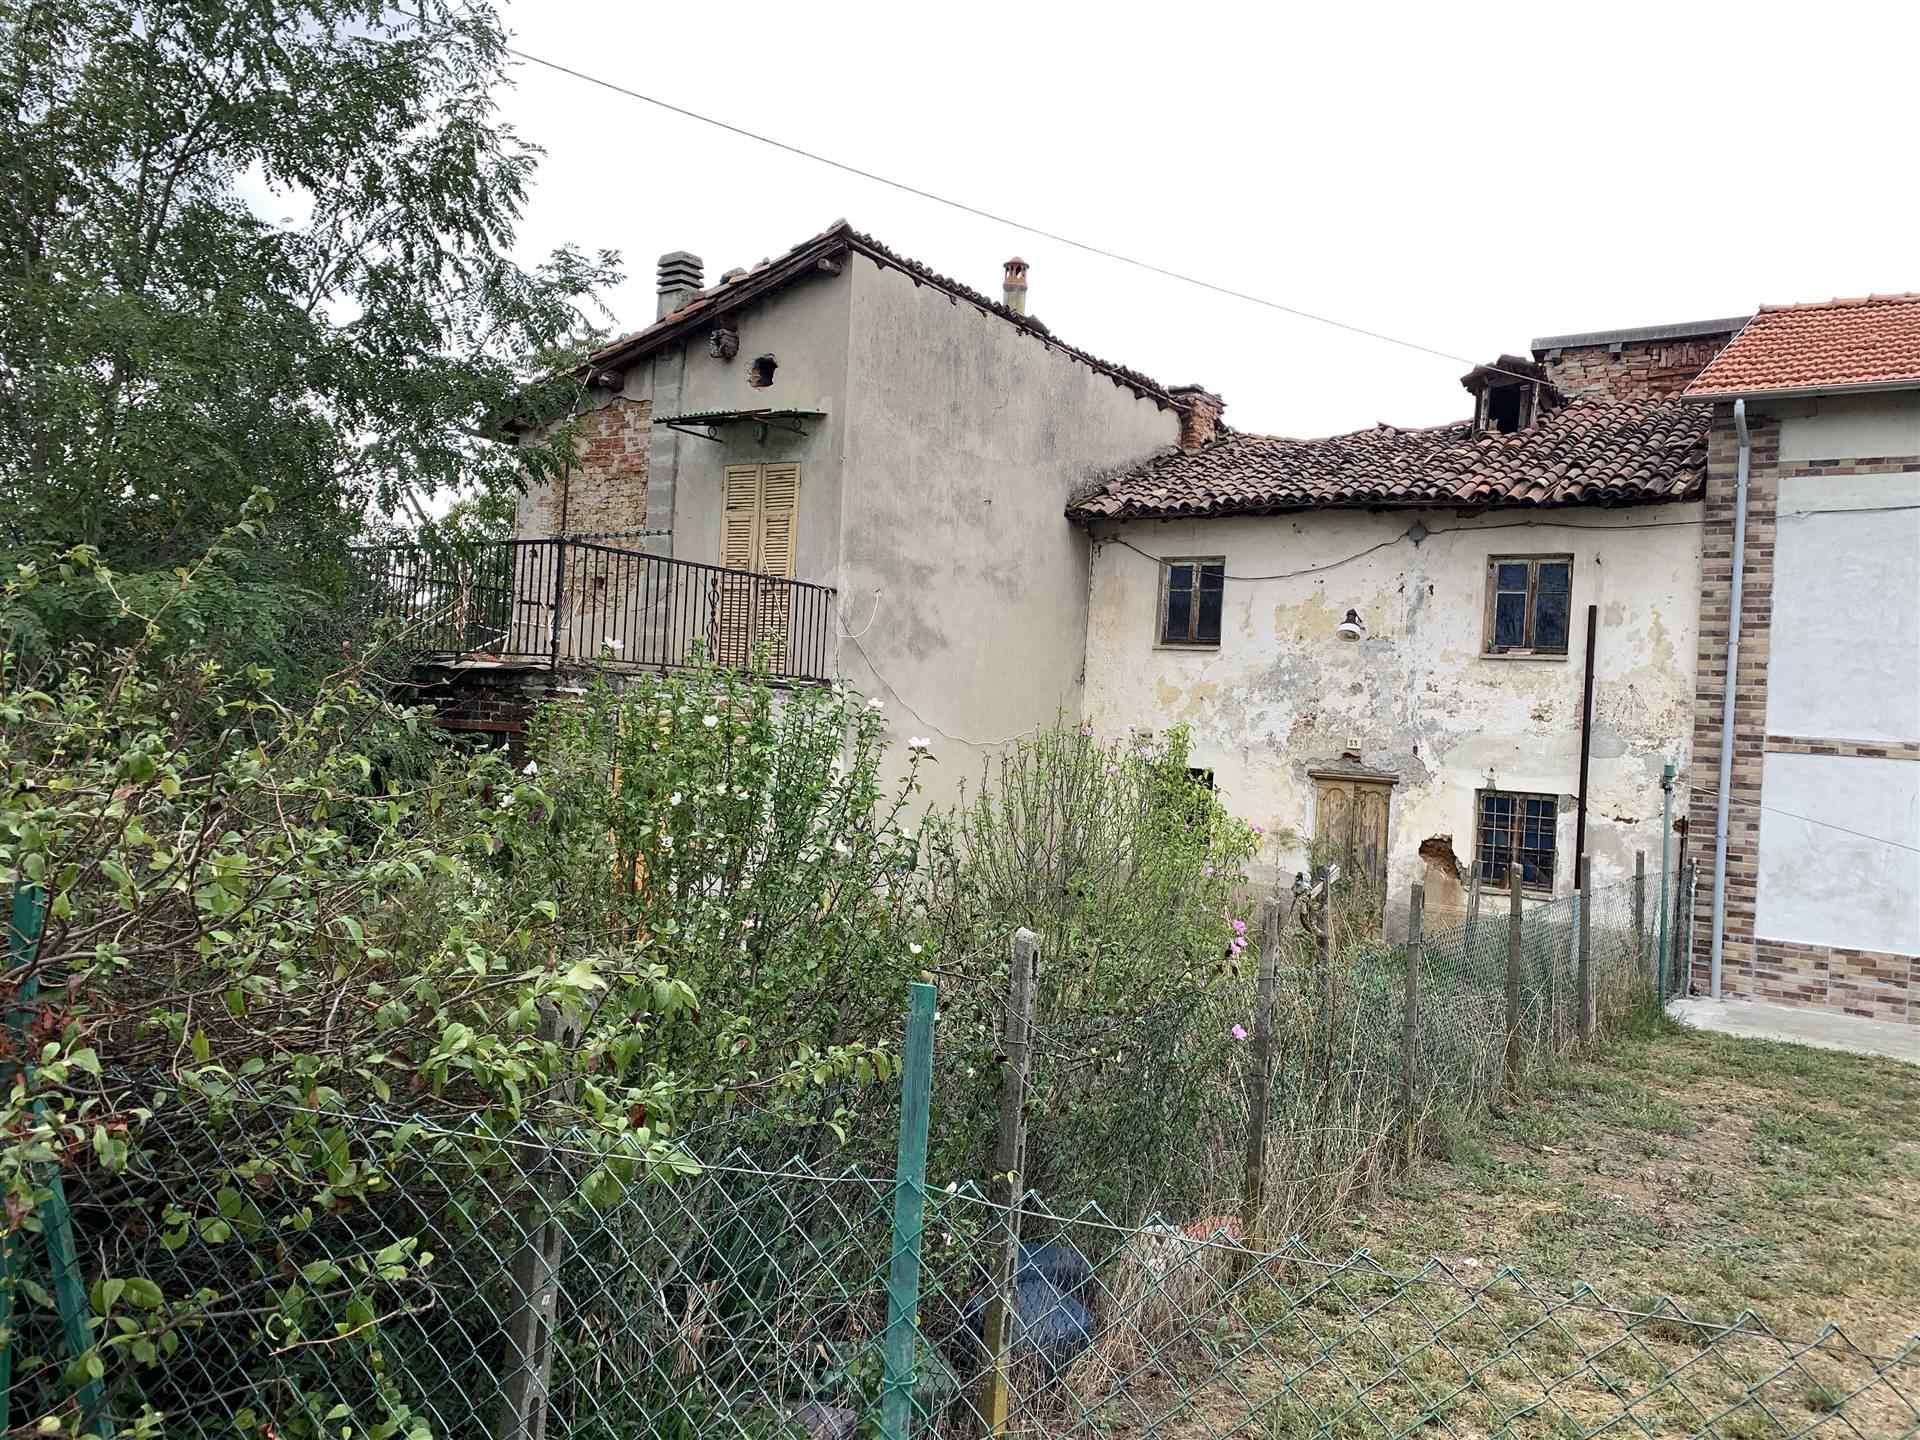 Soluzione Indipendente in vendita a Novi Ligure, 8 locali, zona lla, prezzo € 50.000 | PortaleAgenzieImmobiliari.it